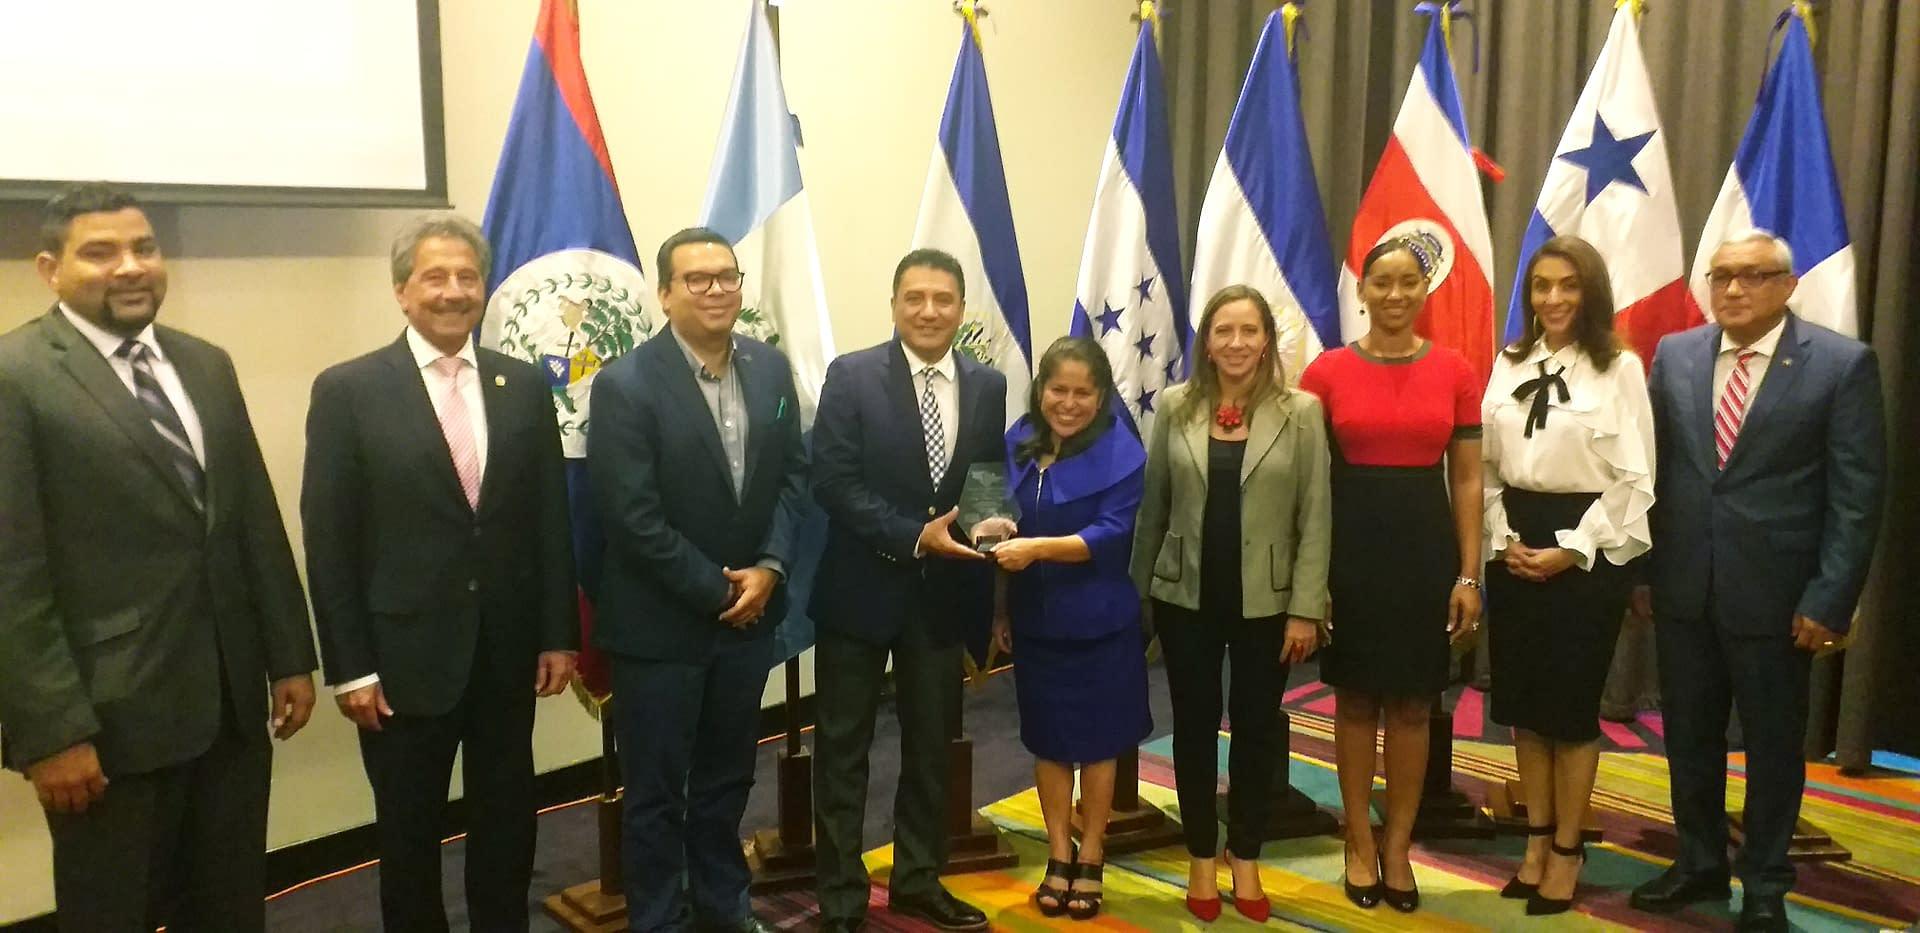 Ministros de Turismo de Centroamérica declaran al turismo como prioridad en la región